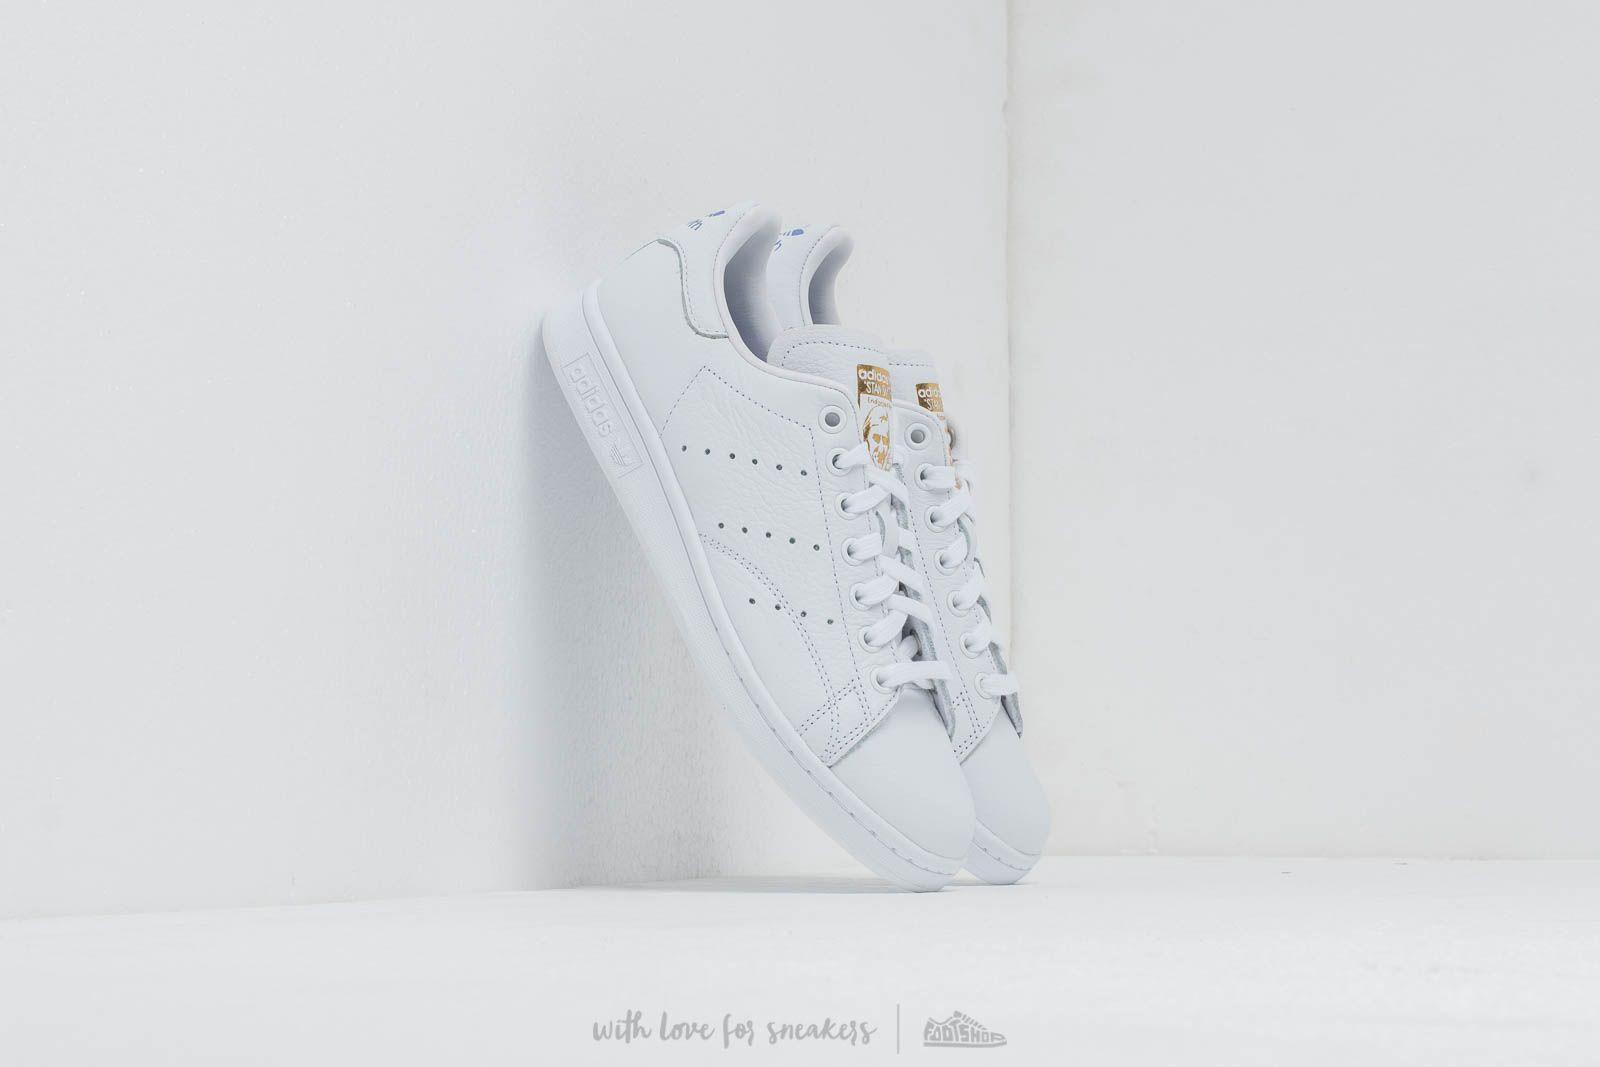 Dámské tenisky a boty adidas Stan Smith W Ftw White/ Realil/ Rawgol